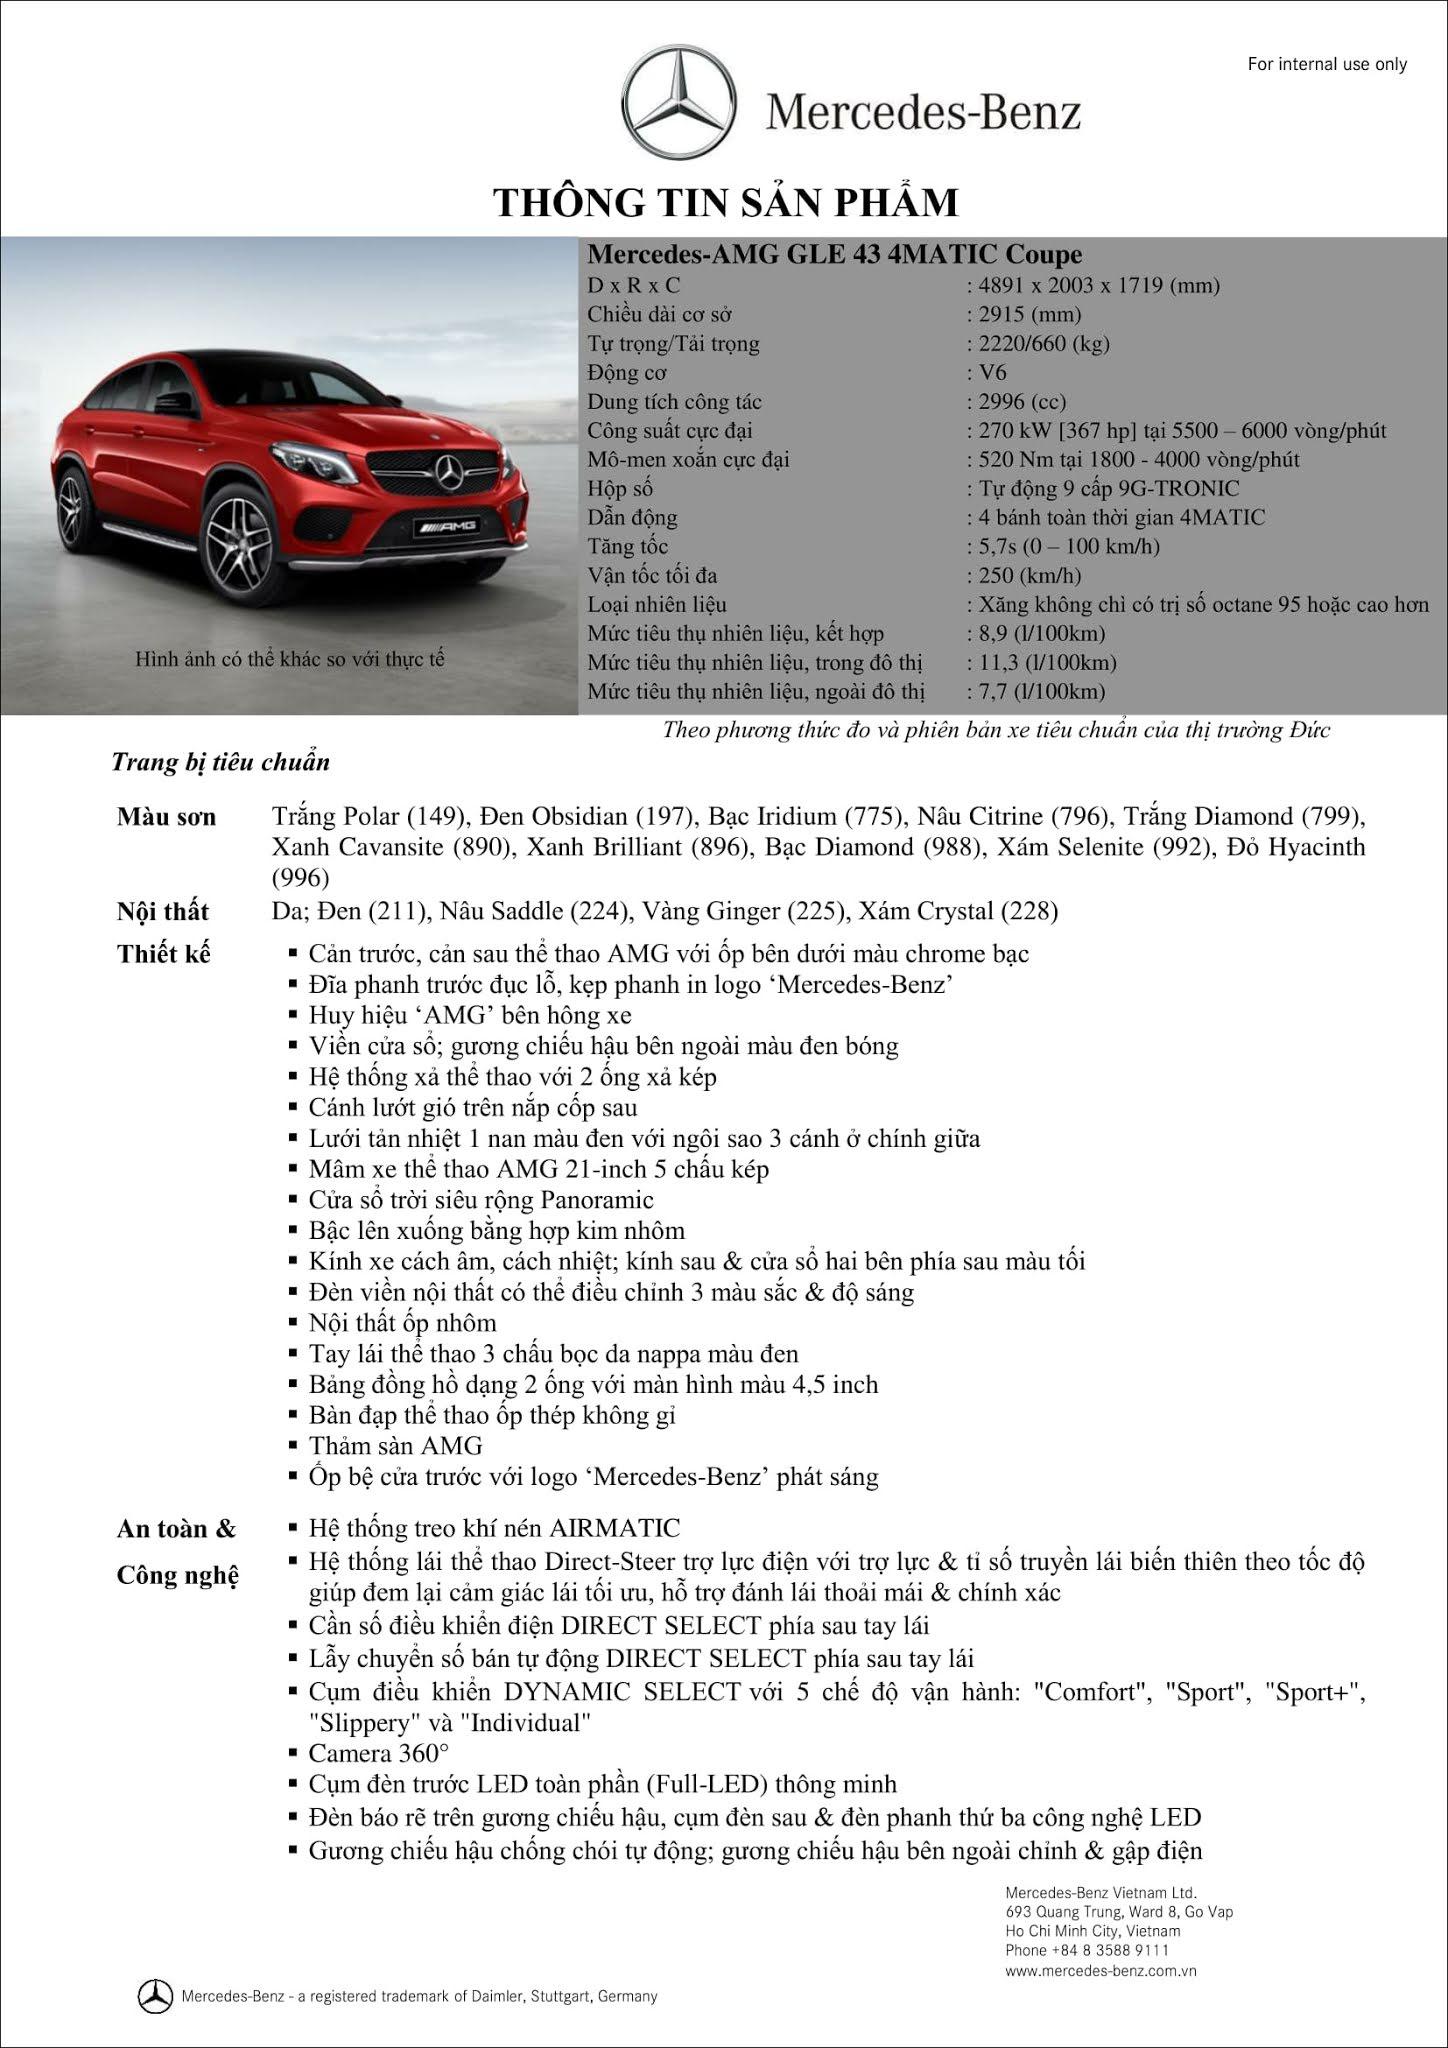 Bảng thông số kỹ thuật Mercedes AMG GLE 43 4MATIC Coupe 2018